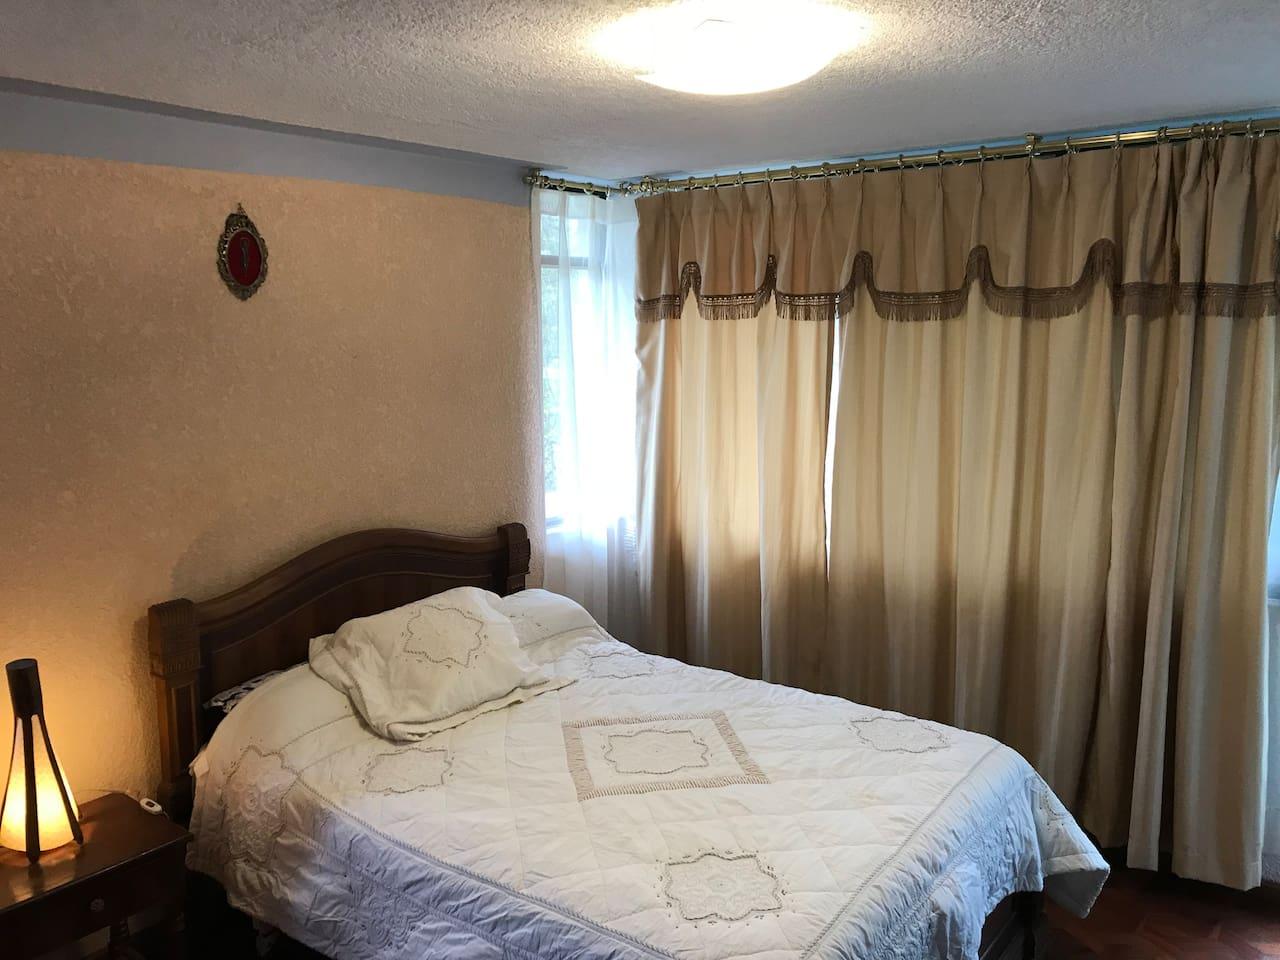 Habitación con cama de 2 plazas para 1 persona o pareja con baño privado.